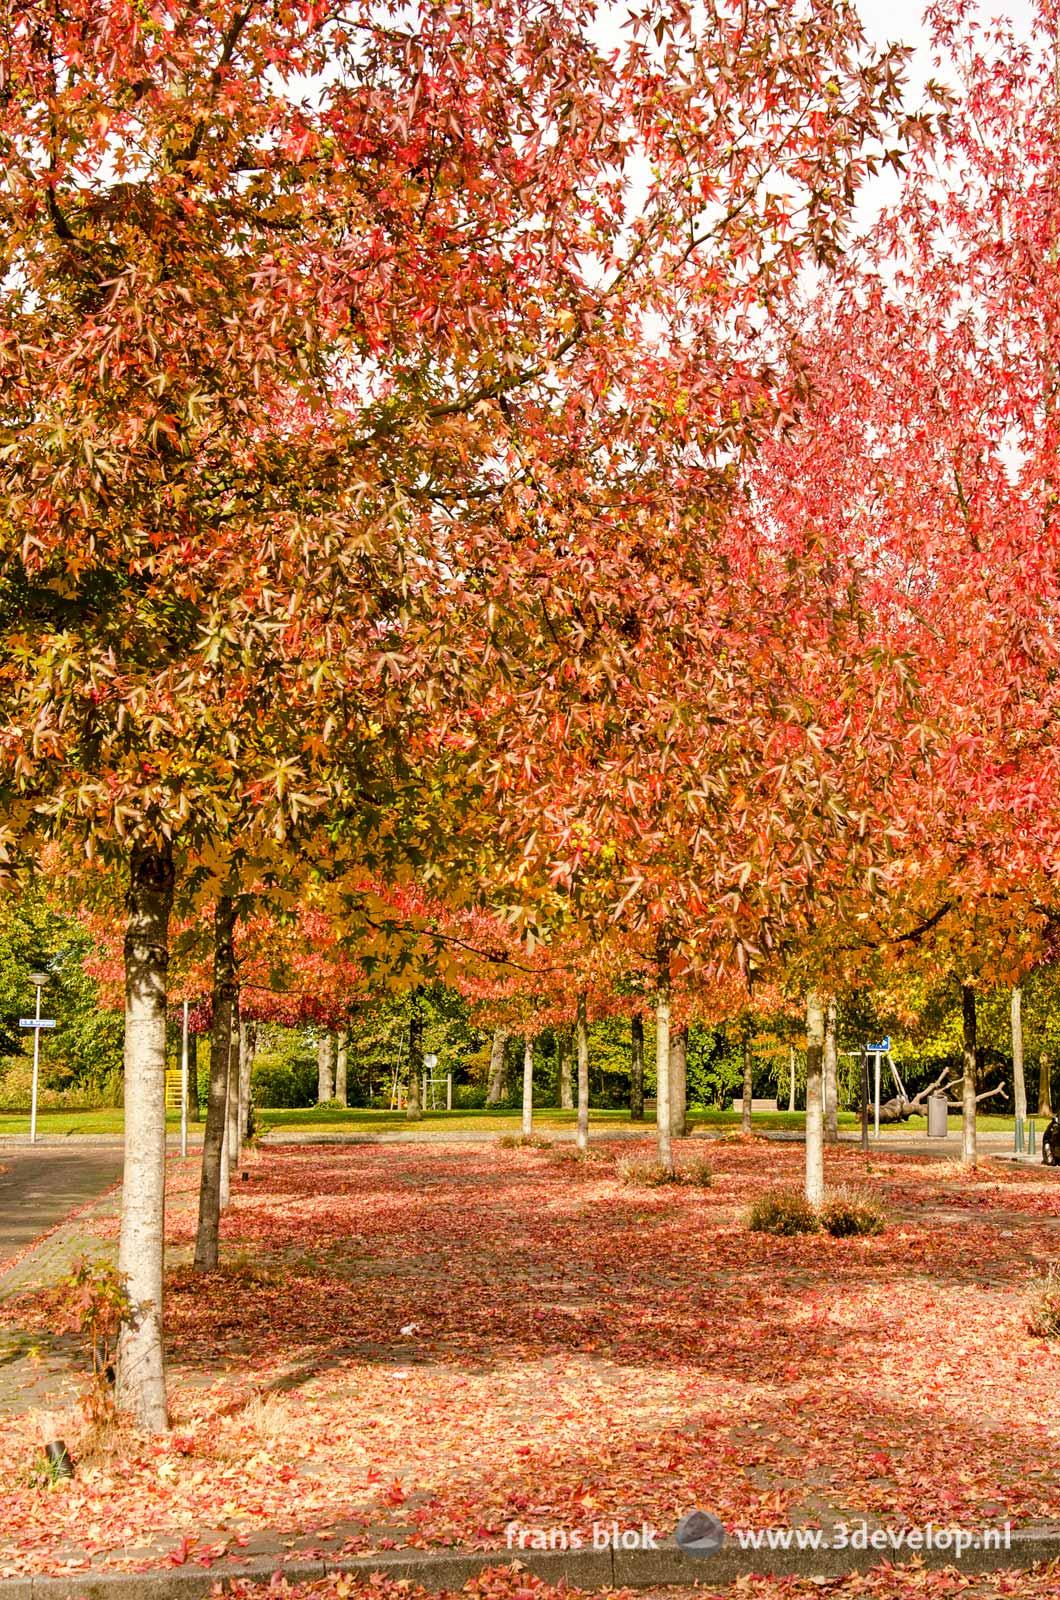 Drie rijen amberbomen (liquidambar styraciflua) in de herfst, op het G.W. Burgerplein in Rotterdam-West